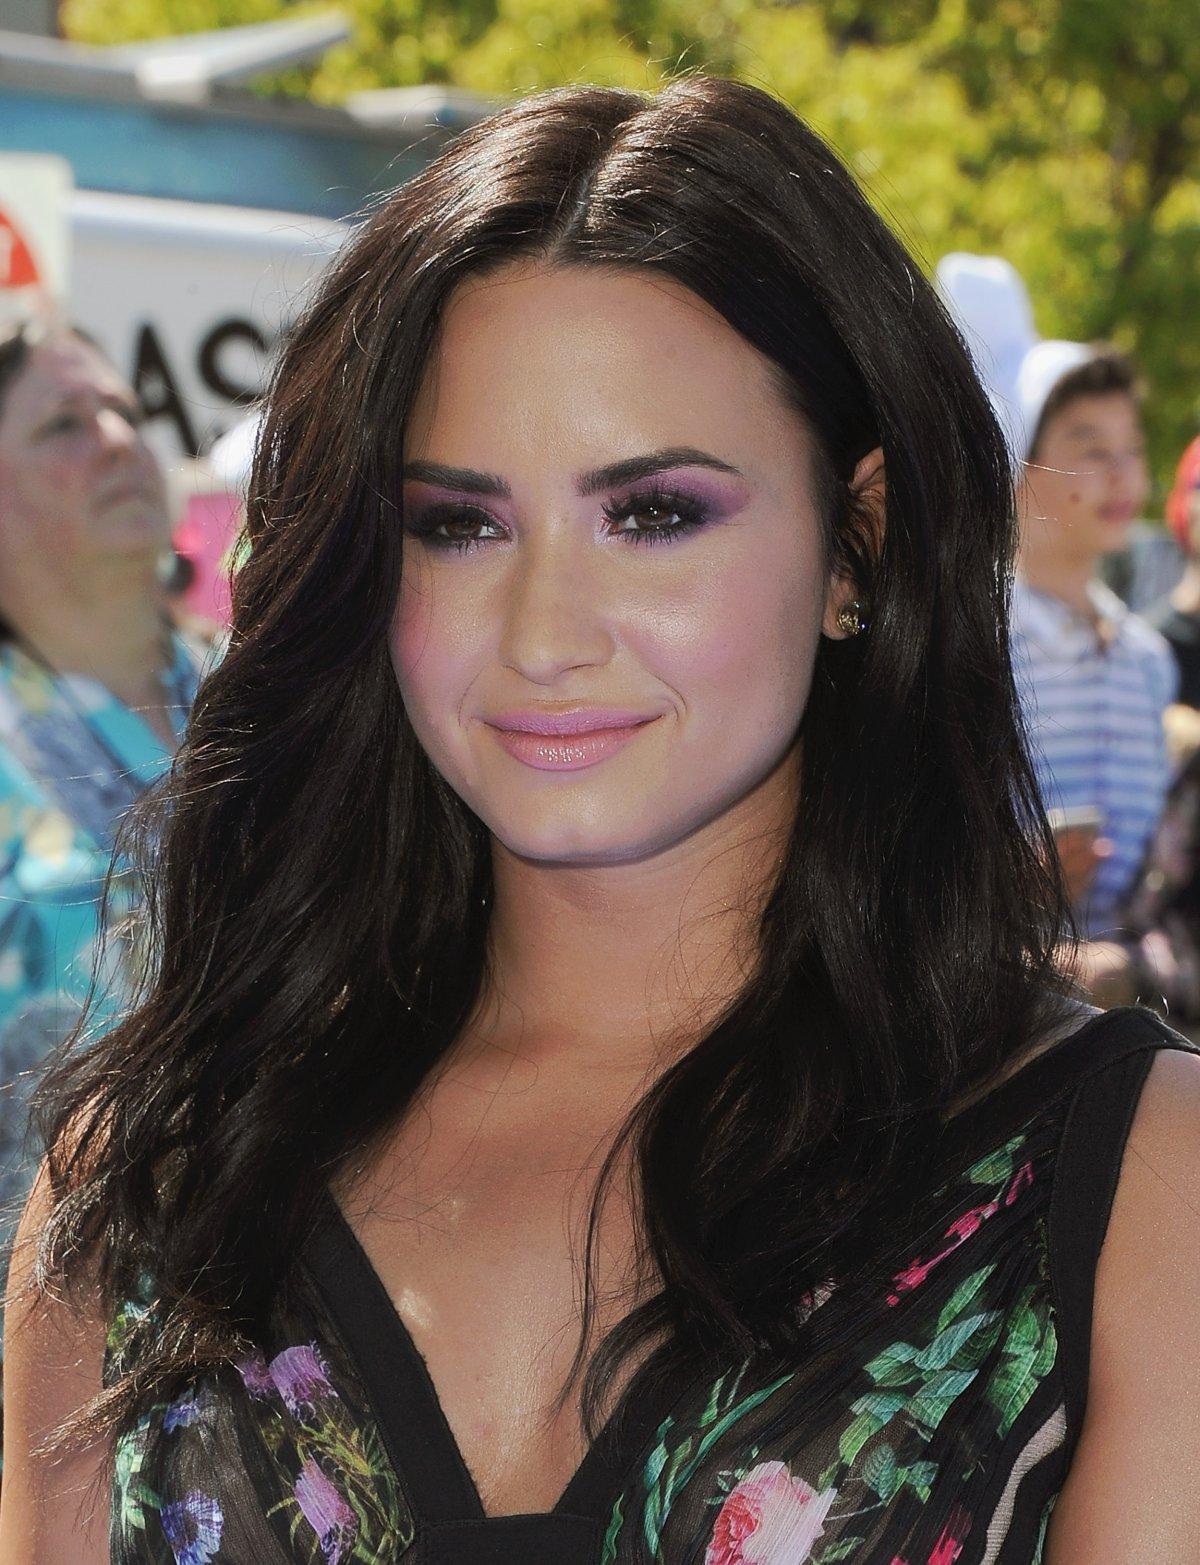 El escote de Demi Lovato que paraliza instagram